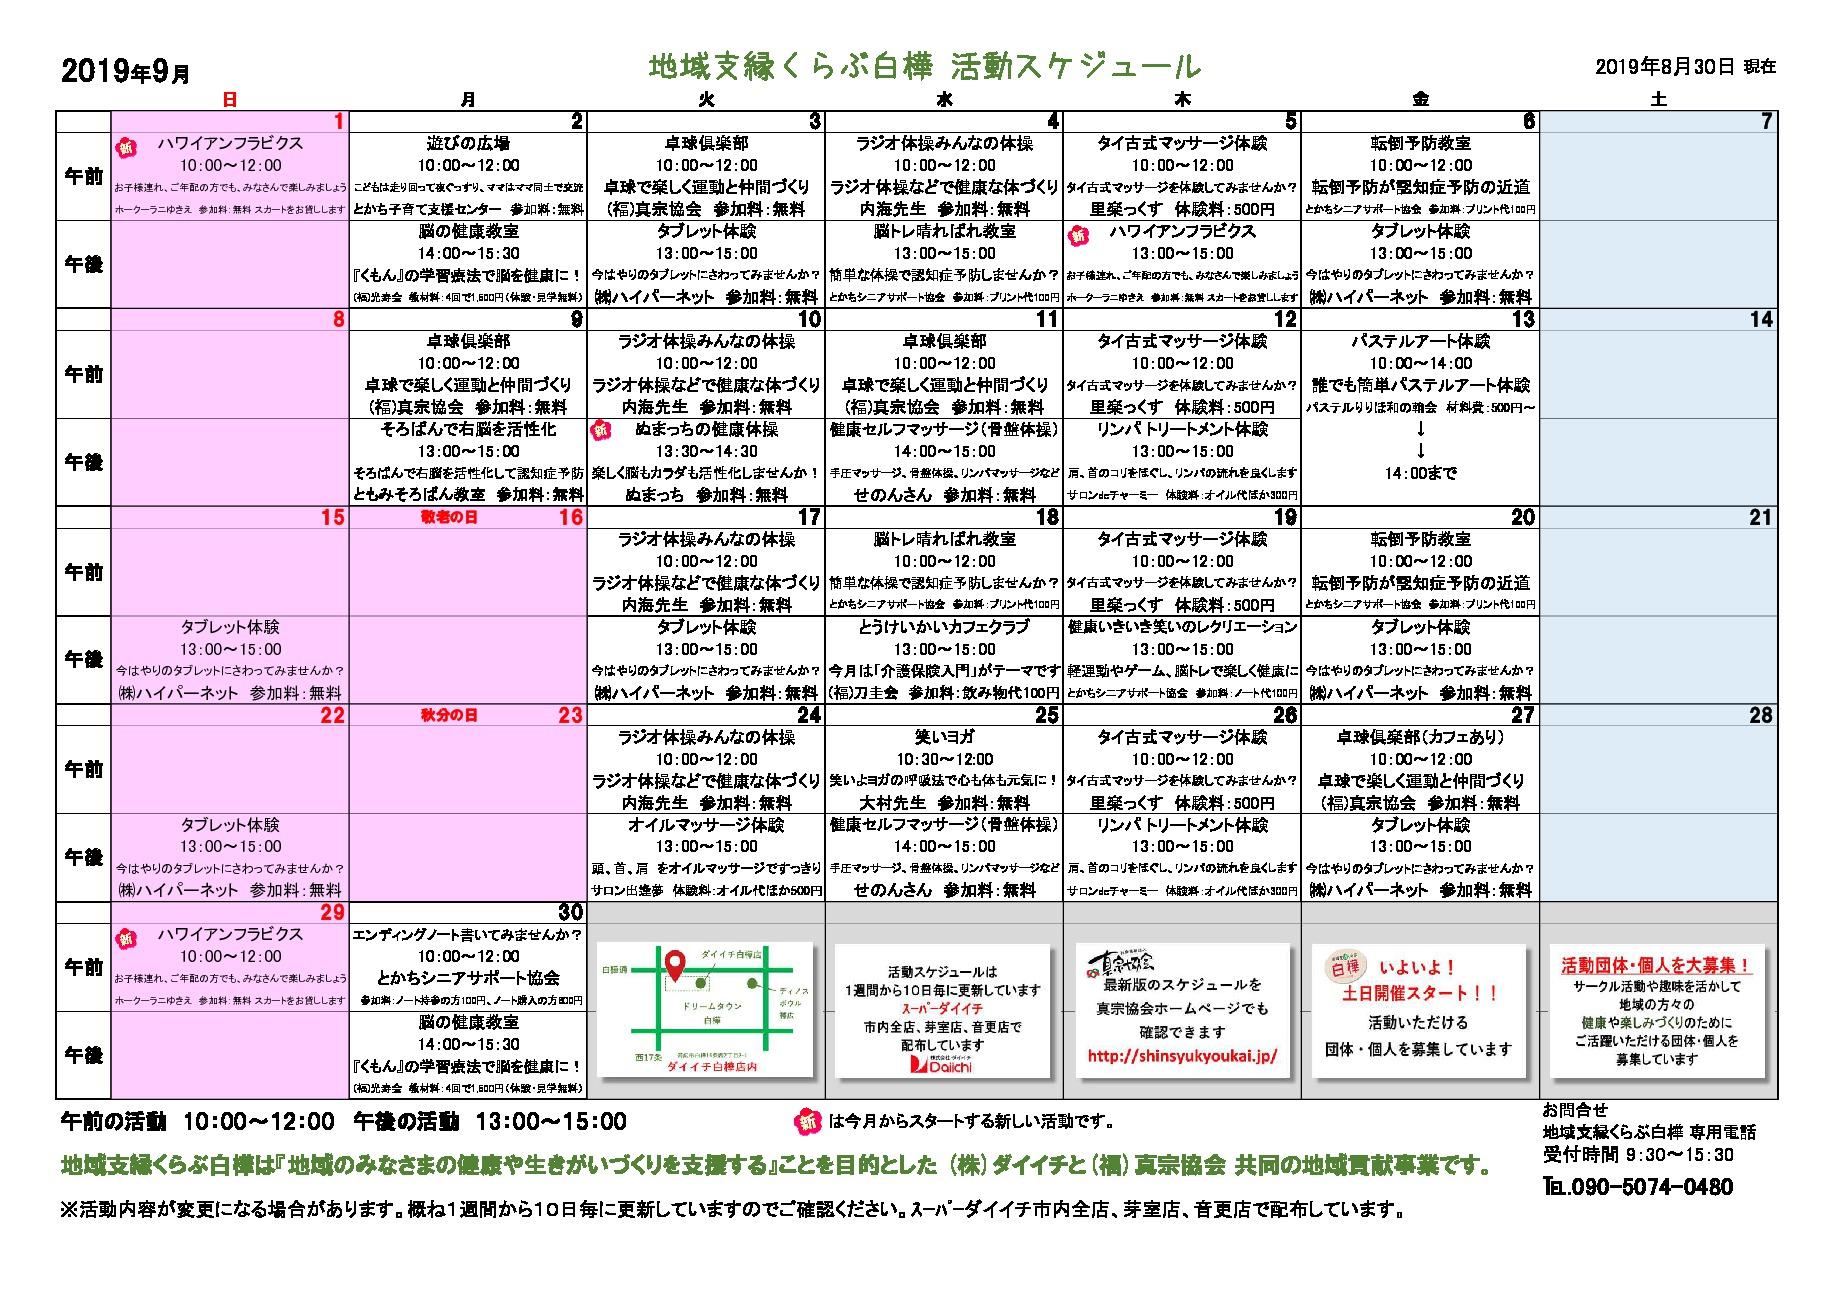 2019活動スケジュール9(2019.8.30付)のサムネイル